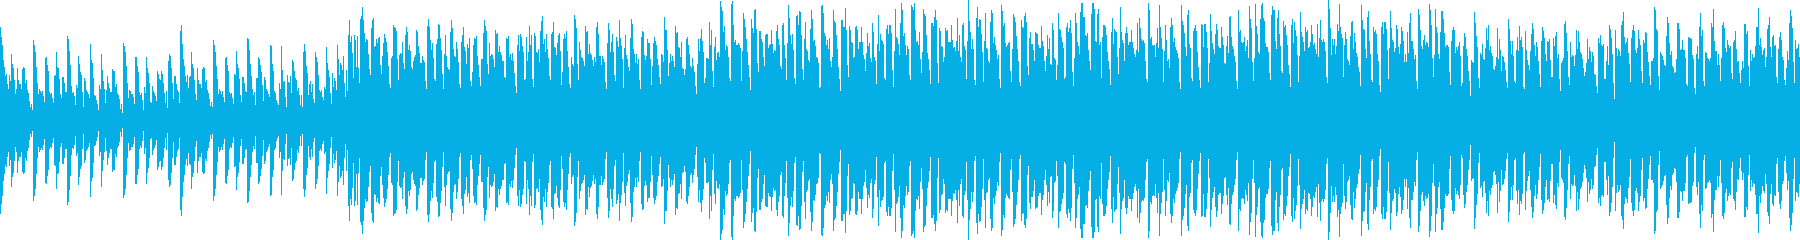 ノリノリのピアノとシンセのループ曲の再生済みの波形